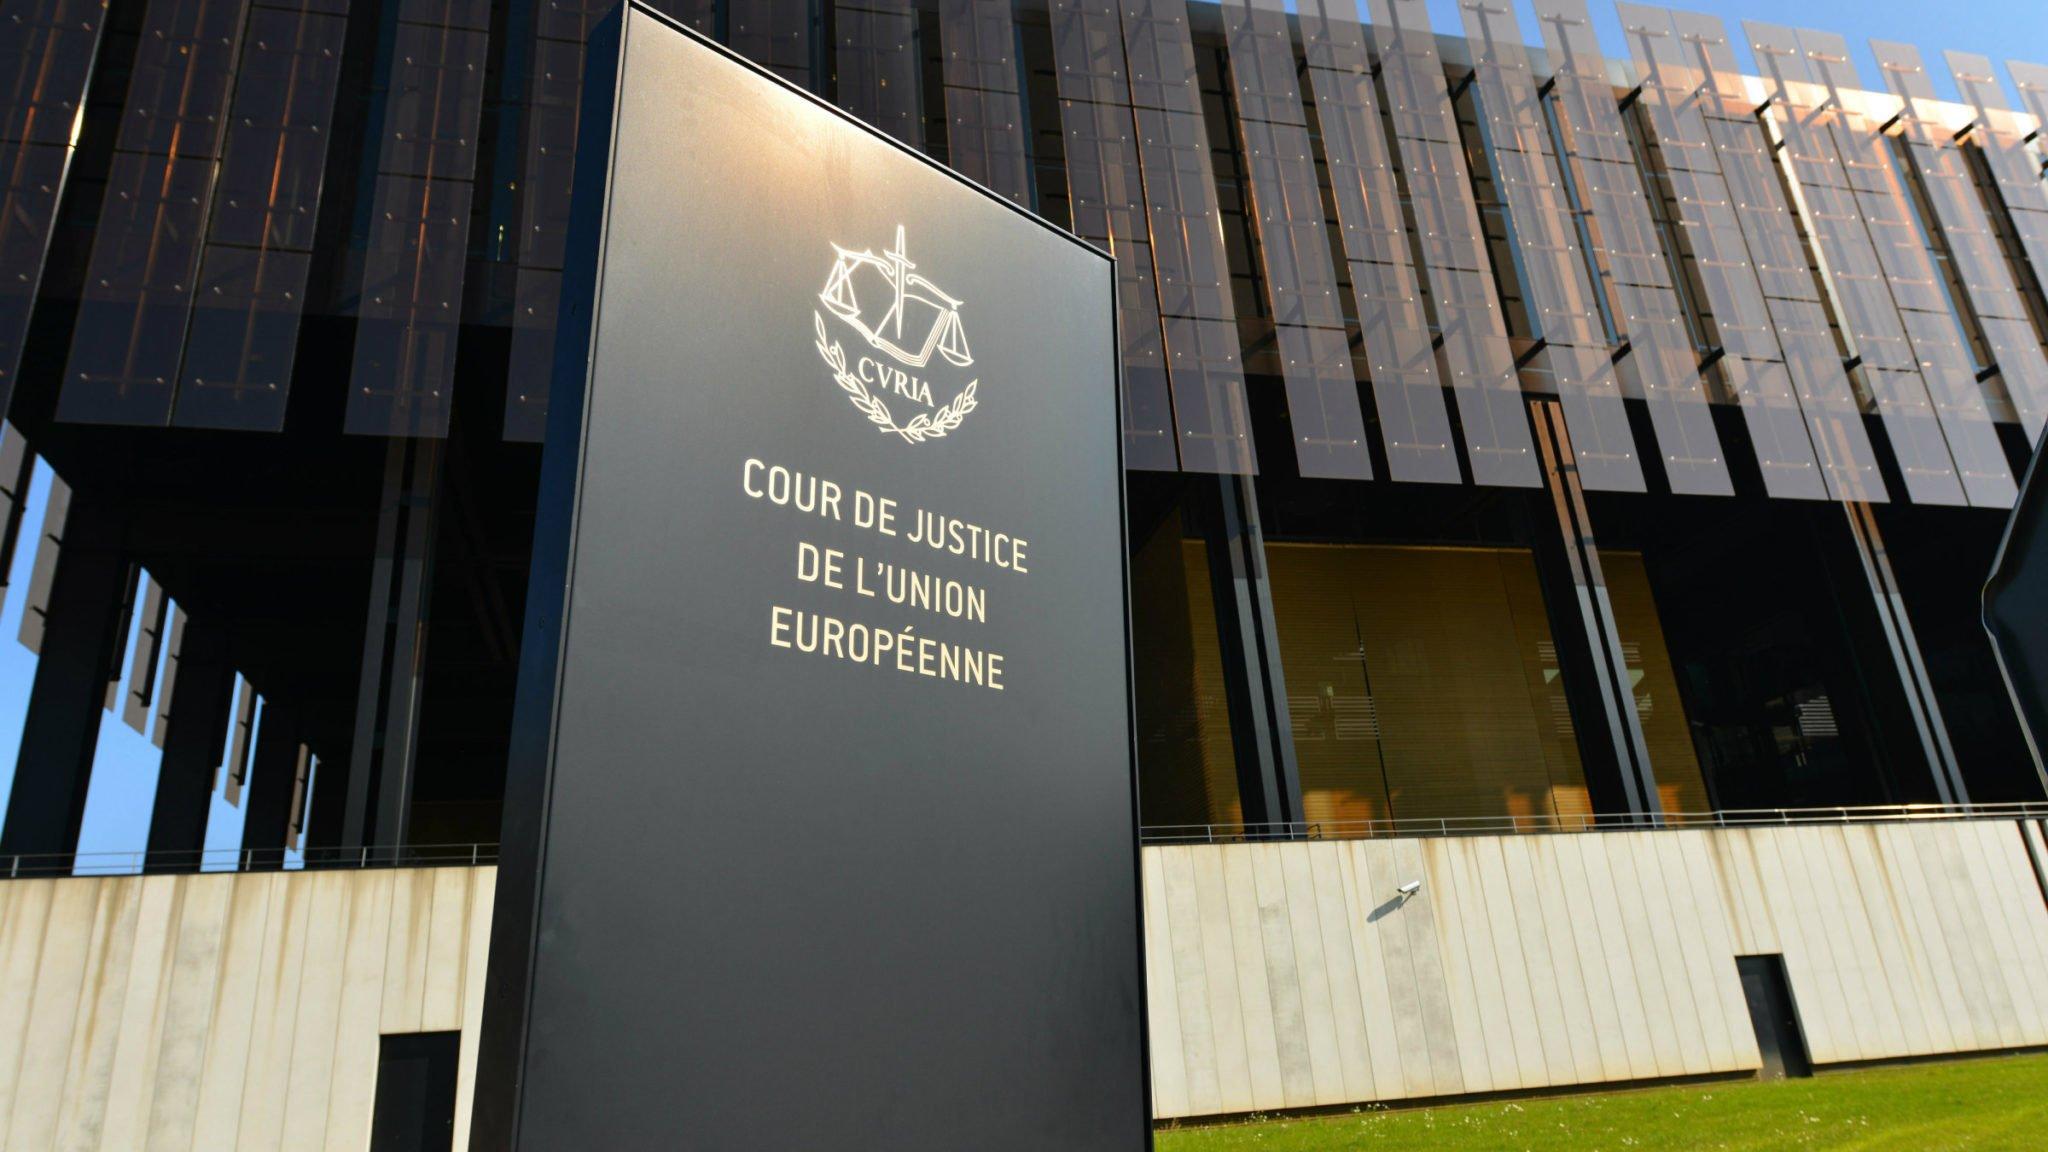 Czy Izba Dyscyplinarna SN zostanie zawieszona przez TSUE? Jutro wpłynie wniosek!